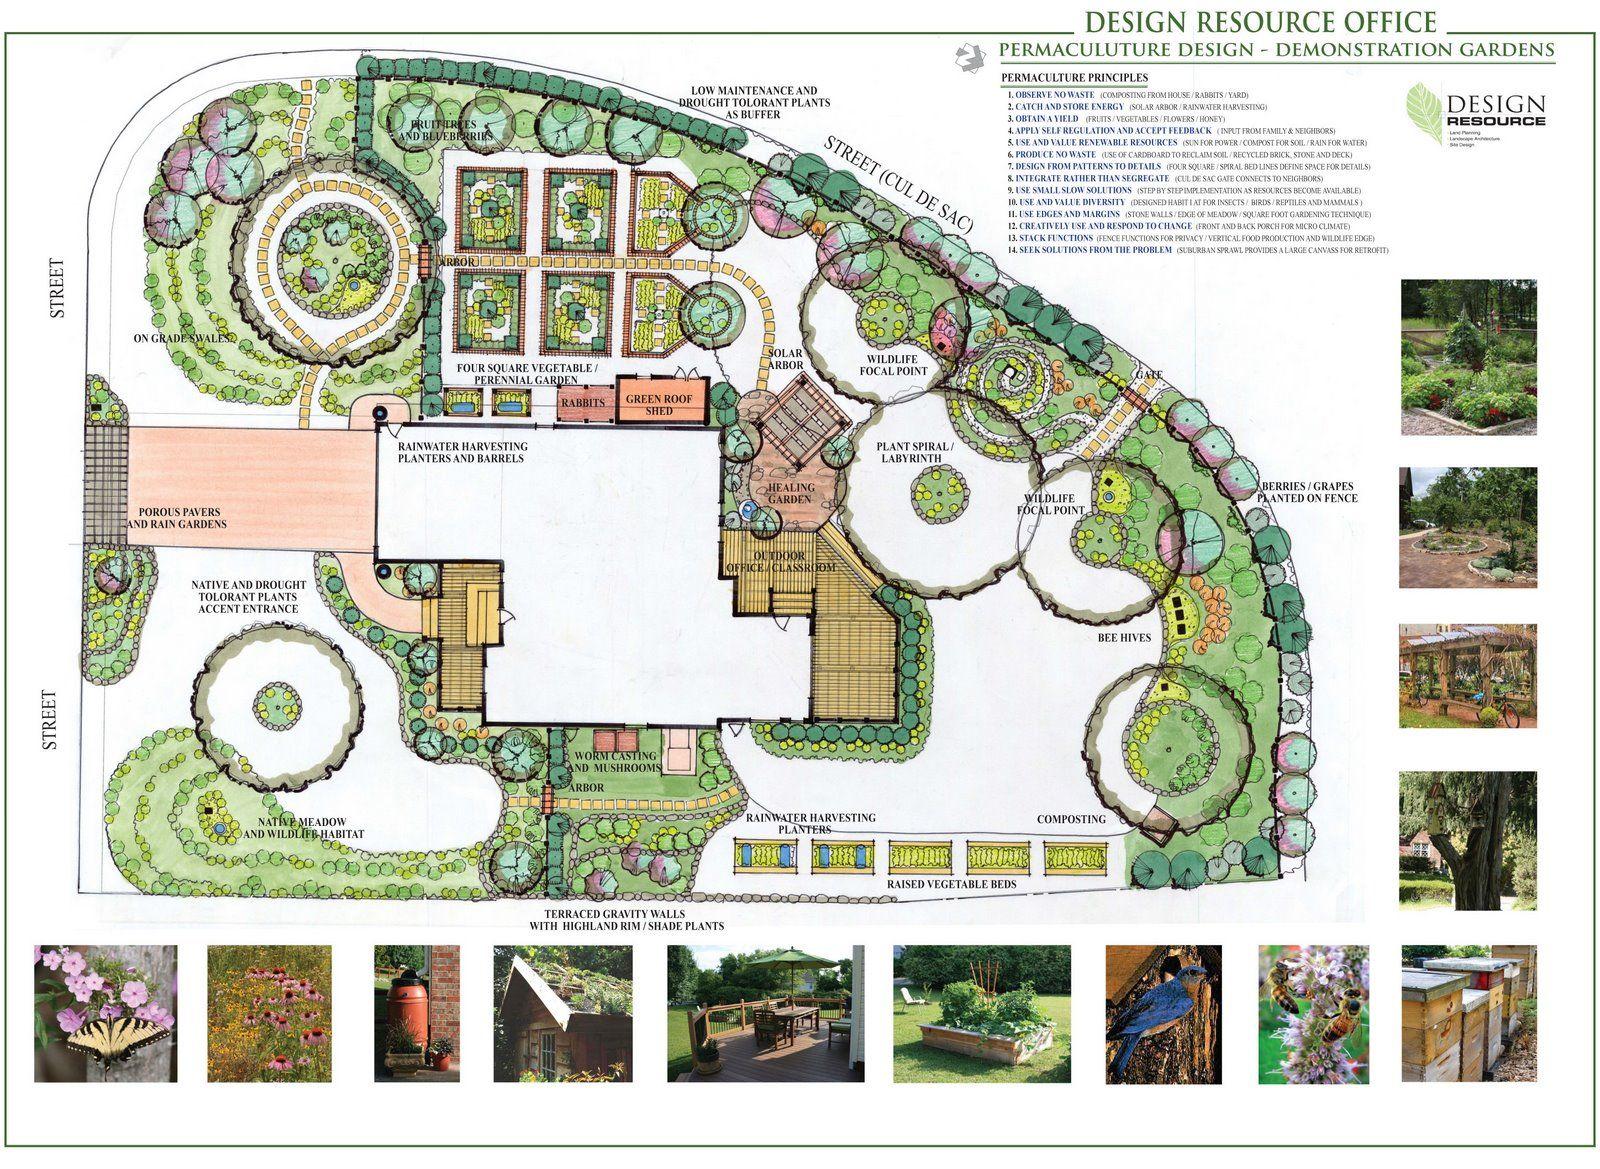 Formation concevoir votre espace nourricier gr ce au for Plan permaculture